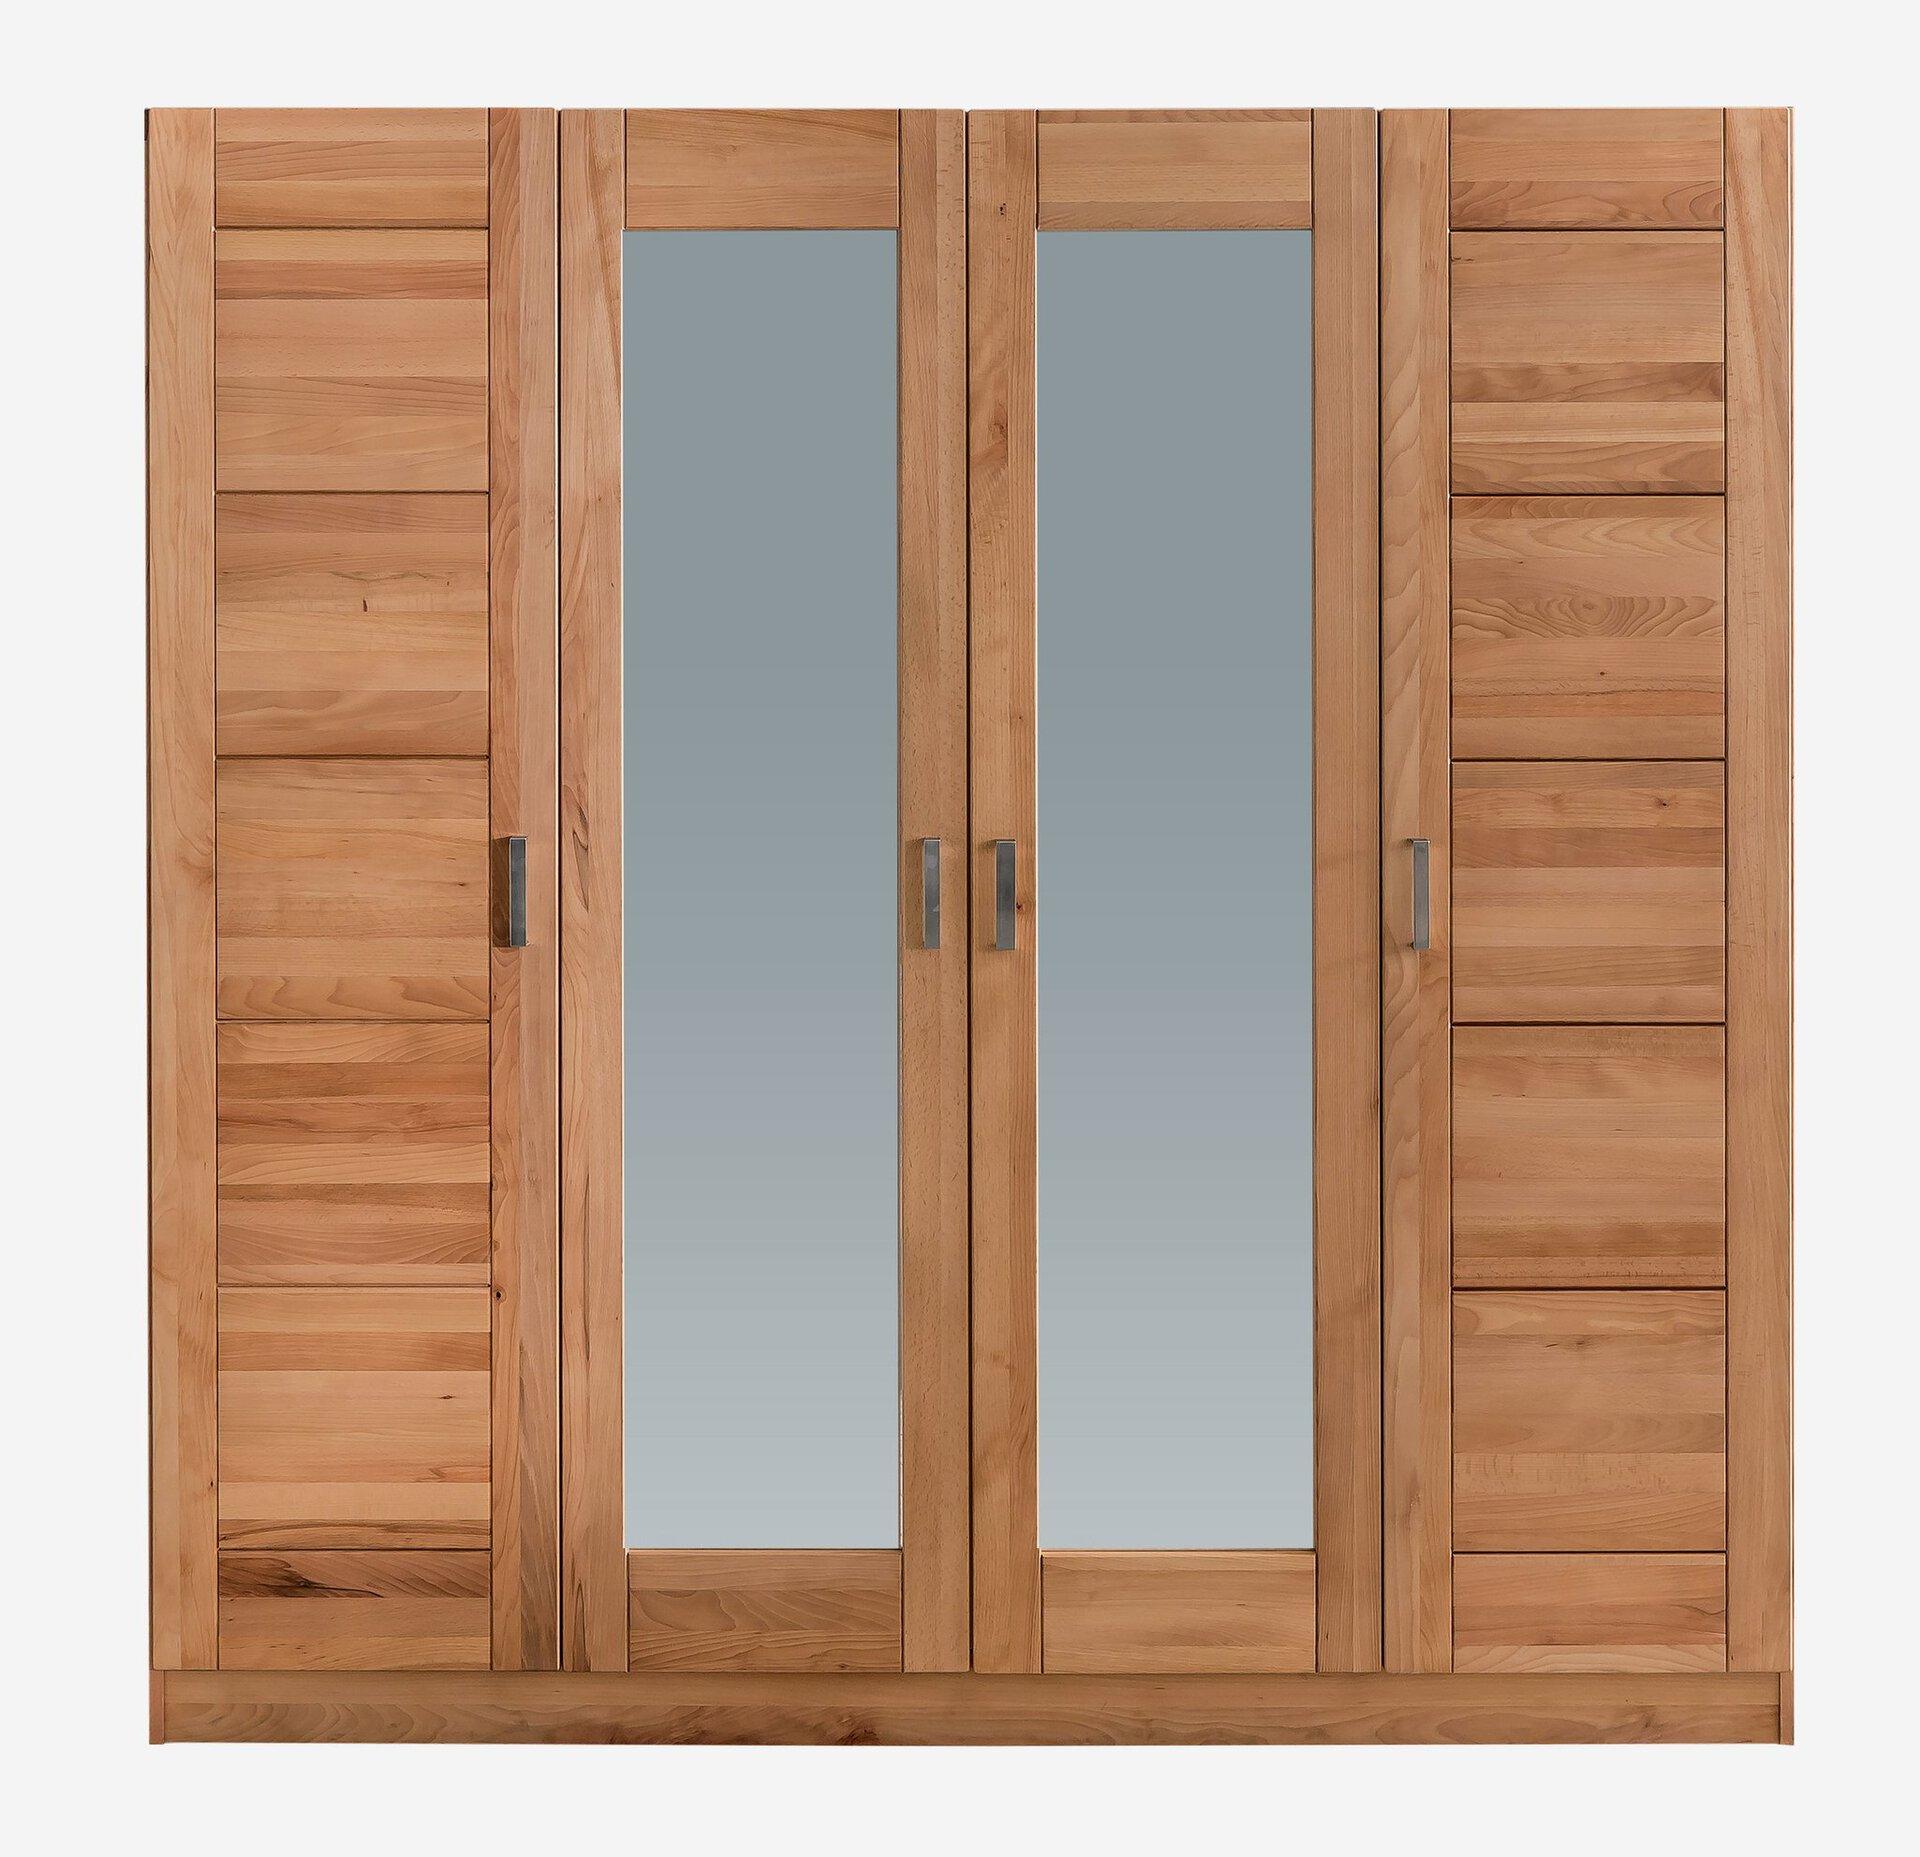 Kleiderschrank TOLLOW4S Dreamoro Holz braun 1 x 2 x 2 cm